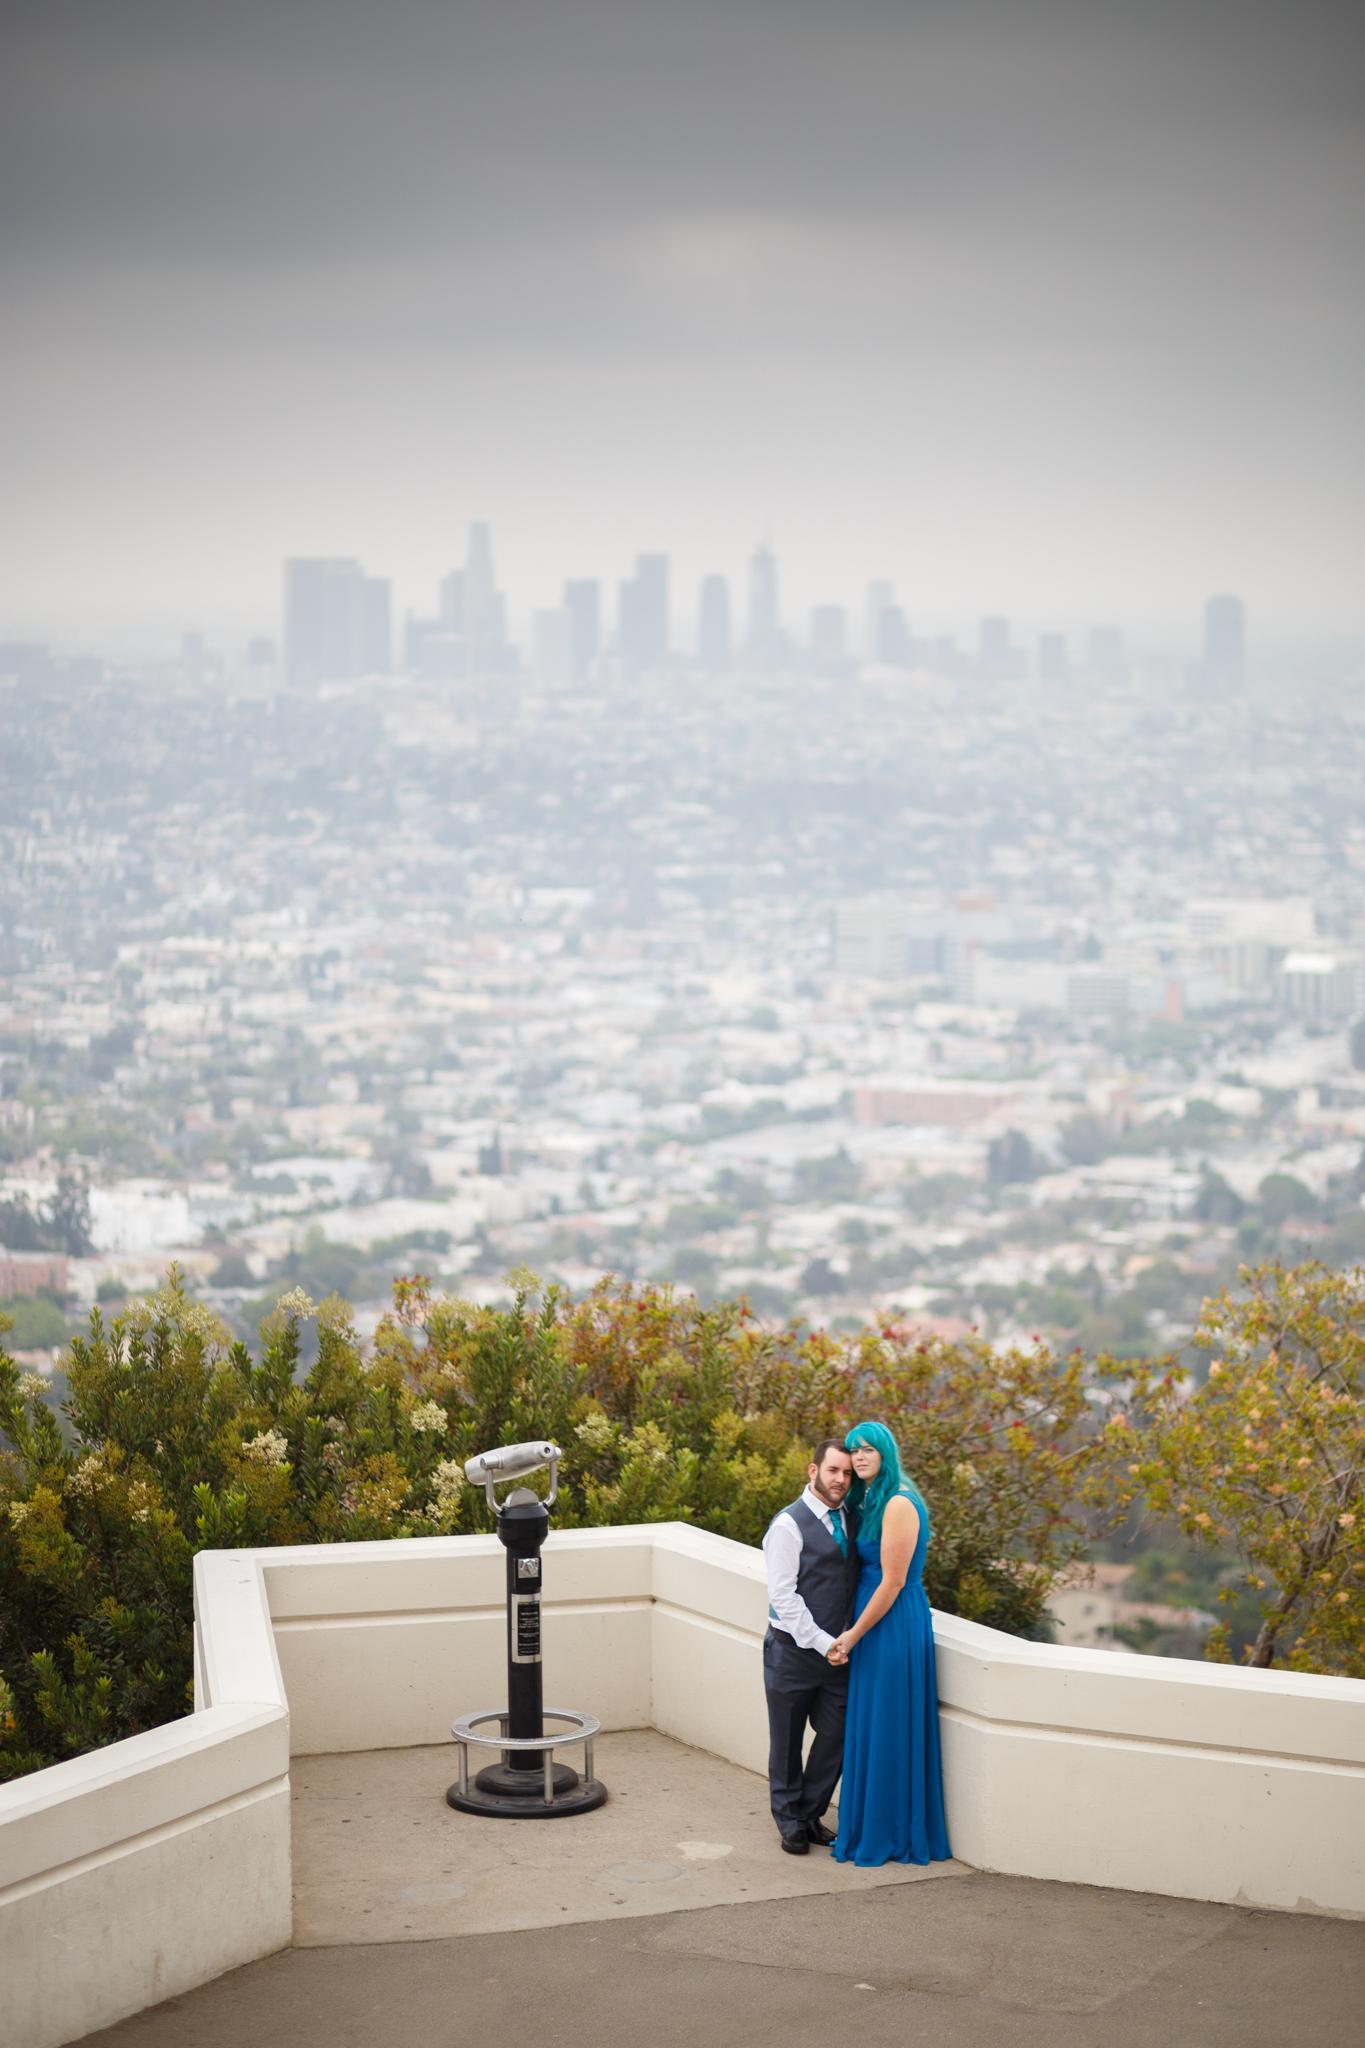 Simon_Rawling_Wedding_Photography-34.jpg